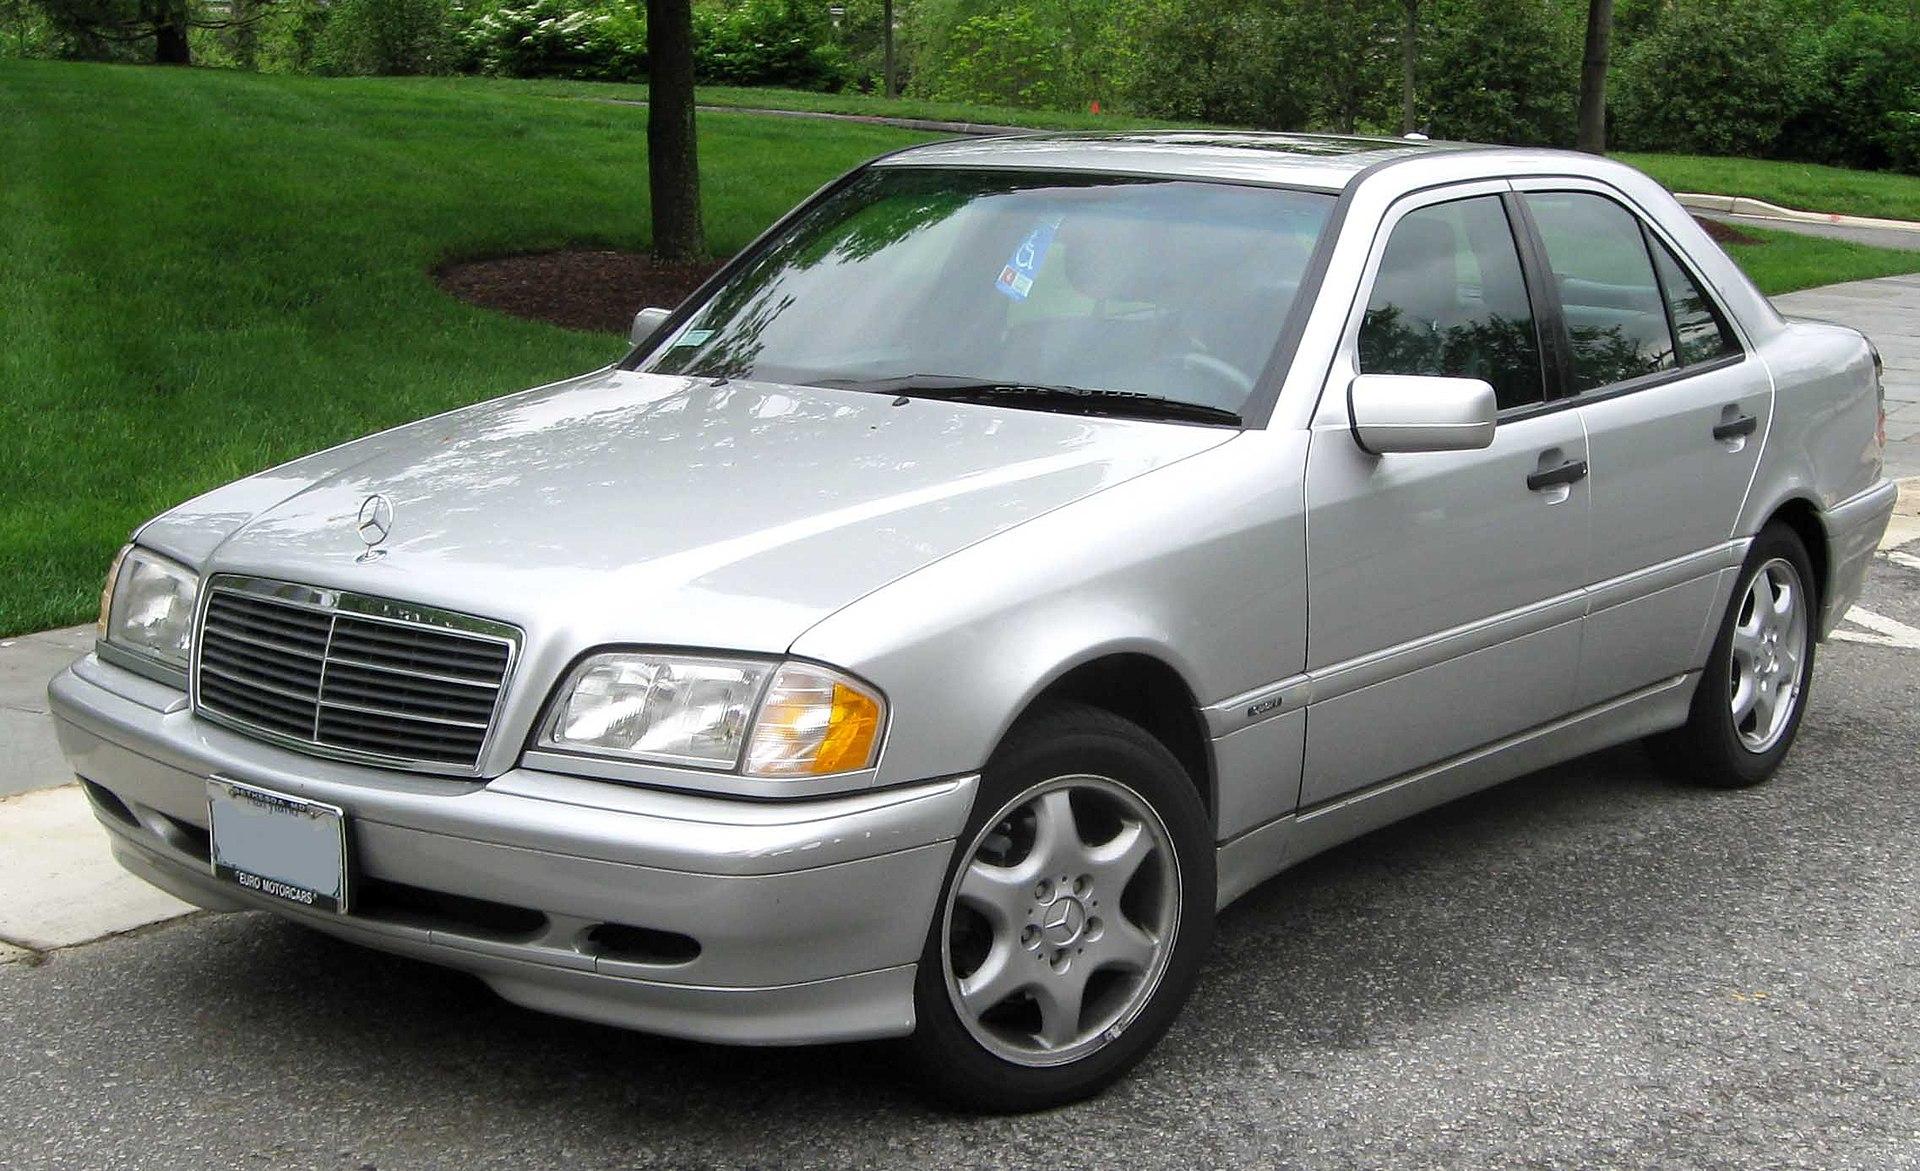 Mercedes benz c klasse wikipedia for Mercedes benz wisconsin